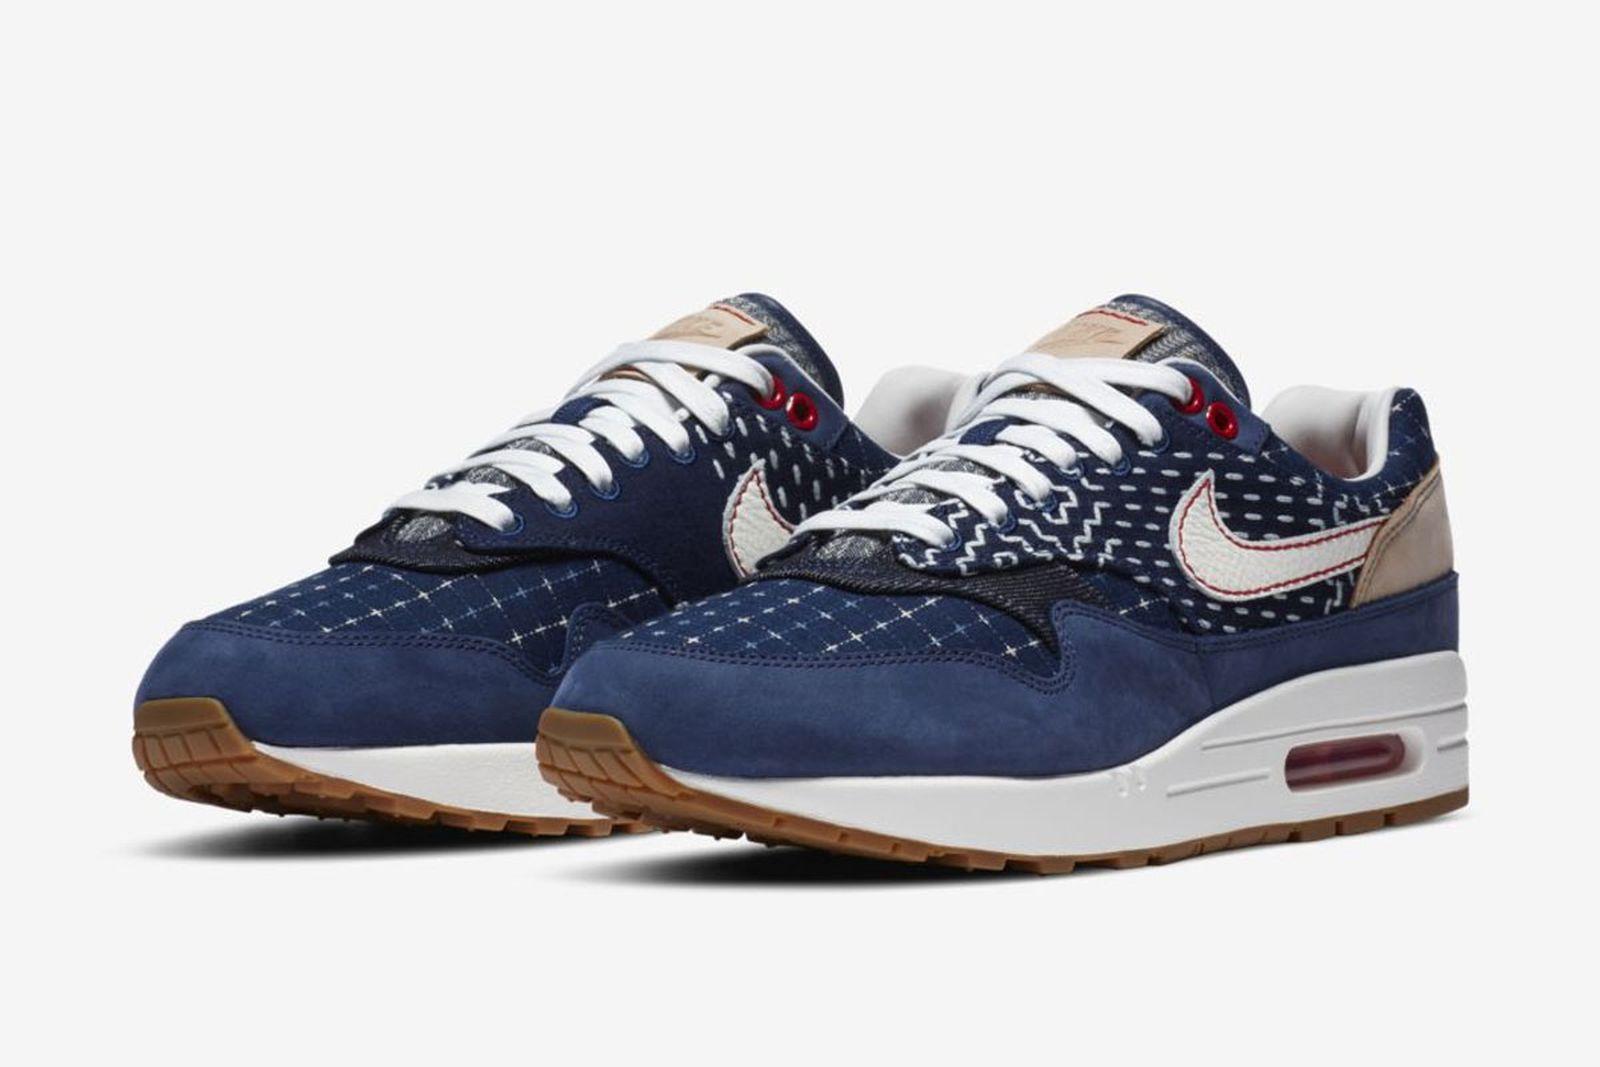 Denham x Nike Air Max 1 product shot